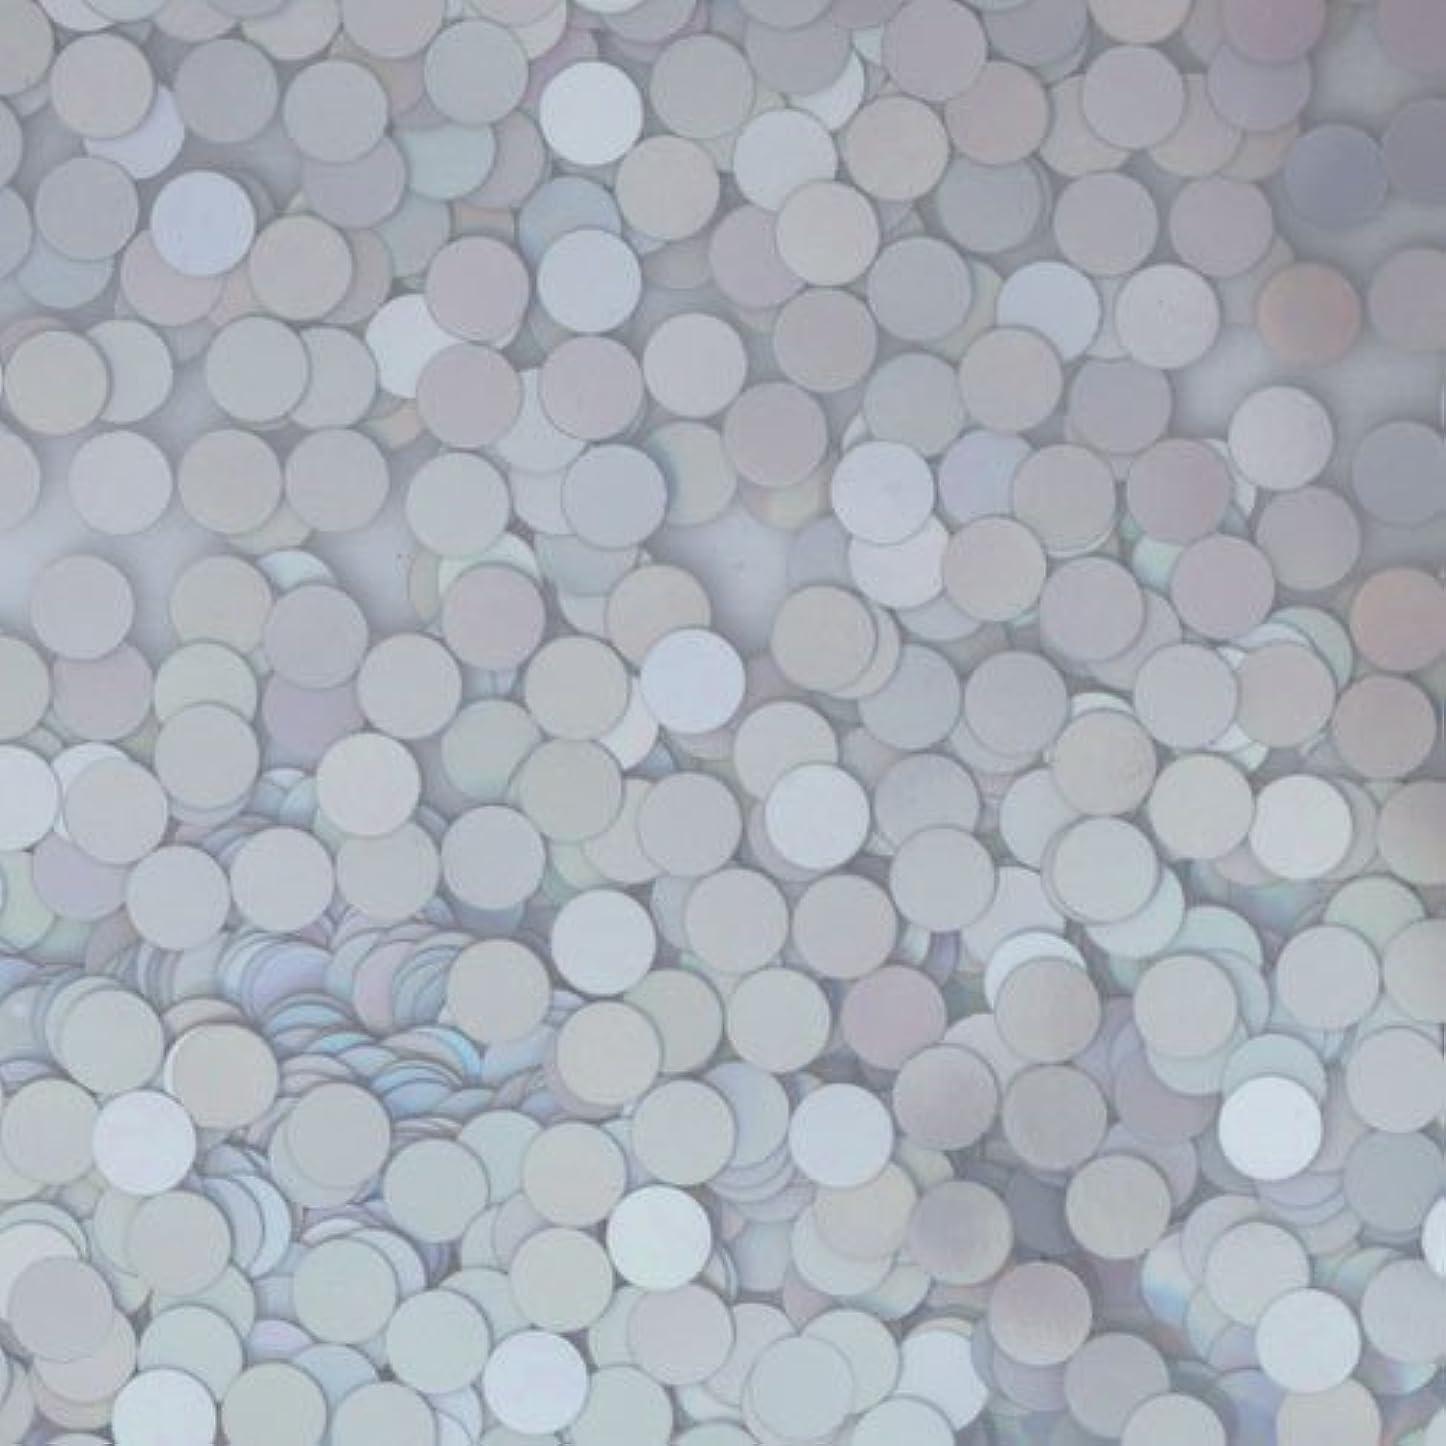 フォーラムで土器ピカエース ネイル用パウダー ピカエース 丸ホロ 1.5mm #883 マットシルバー 0.5g アート材